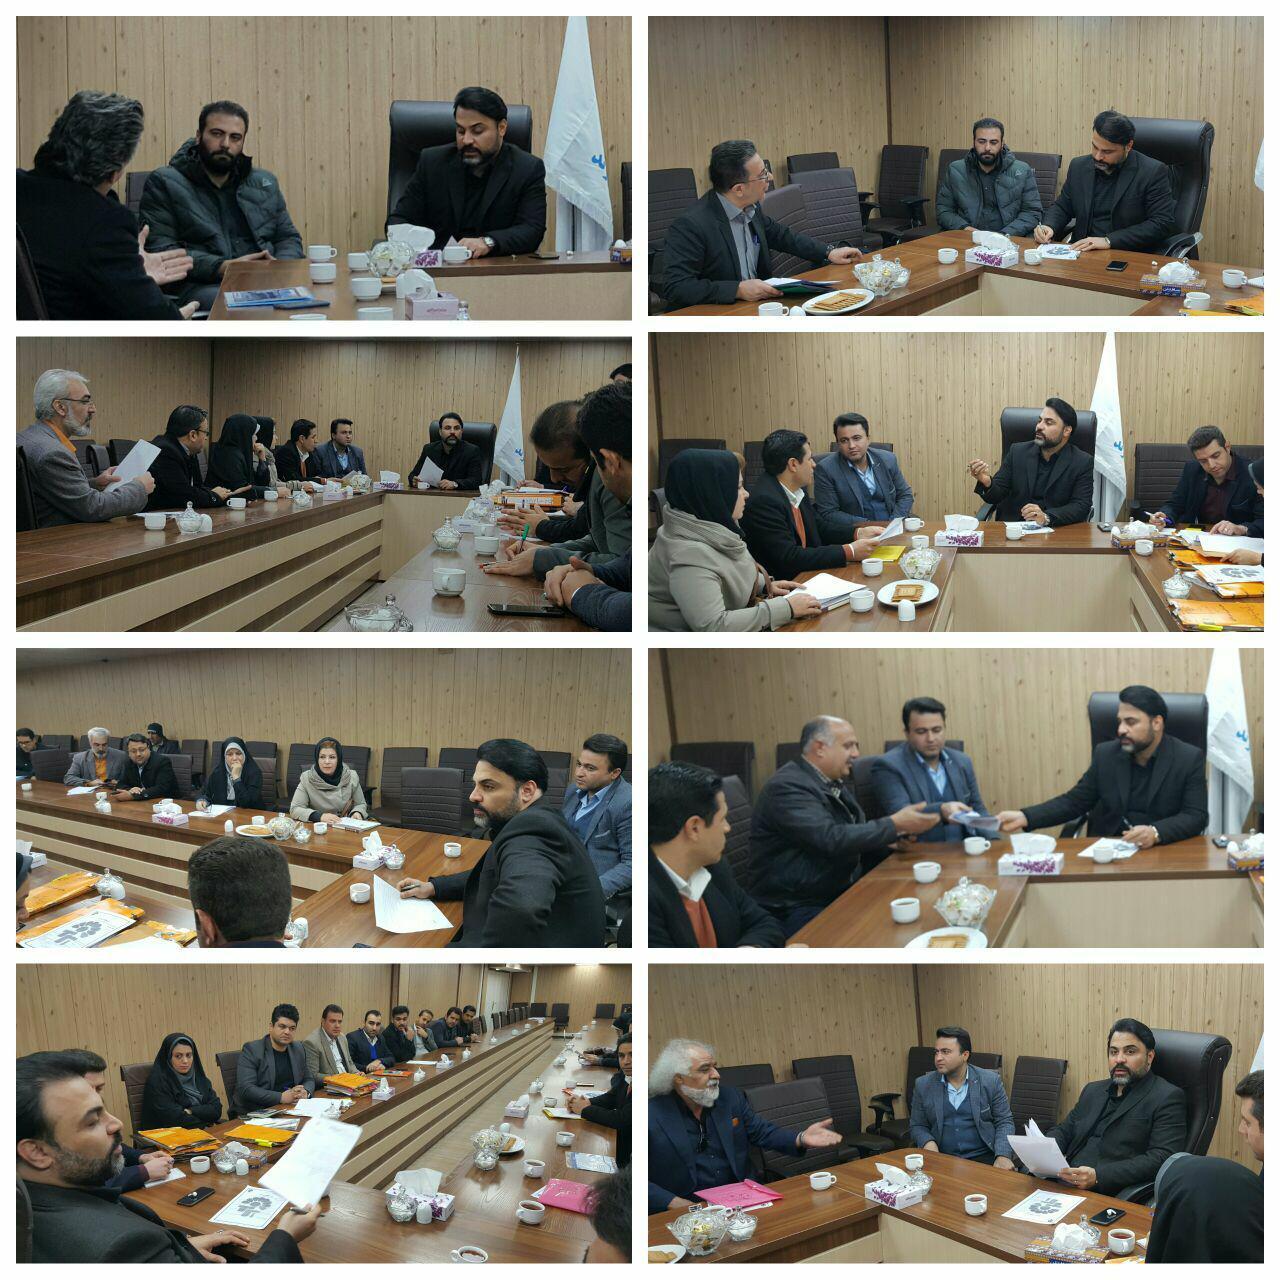 بررسی و رسیدگی به مشکلات شهروندان در جلسه ملاقات مردمی با شهردار پرند